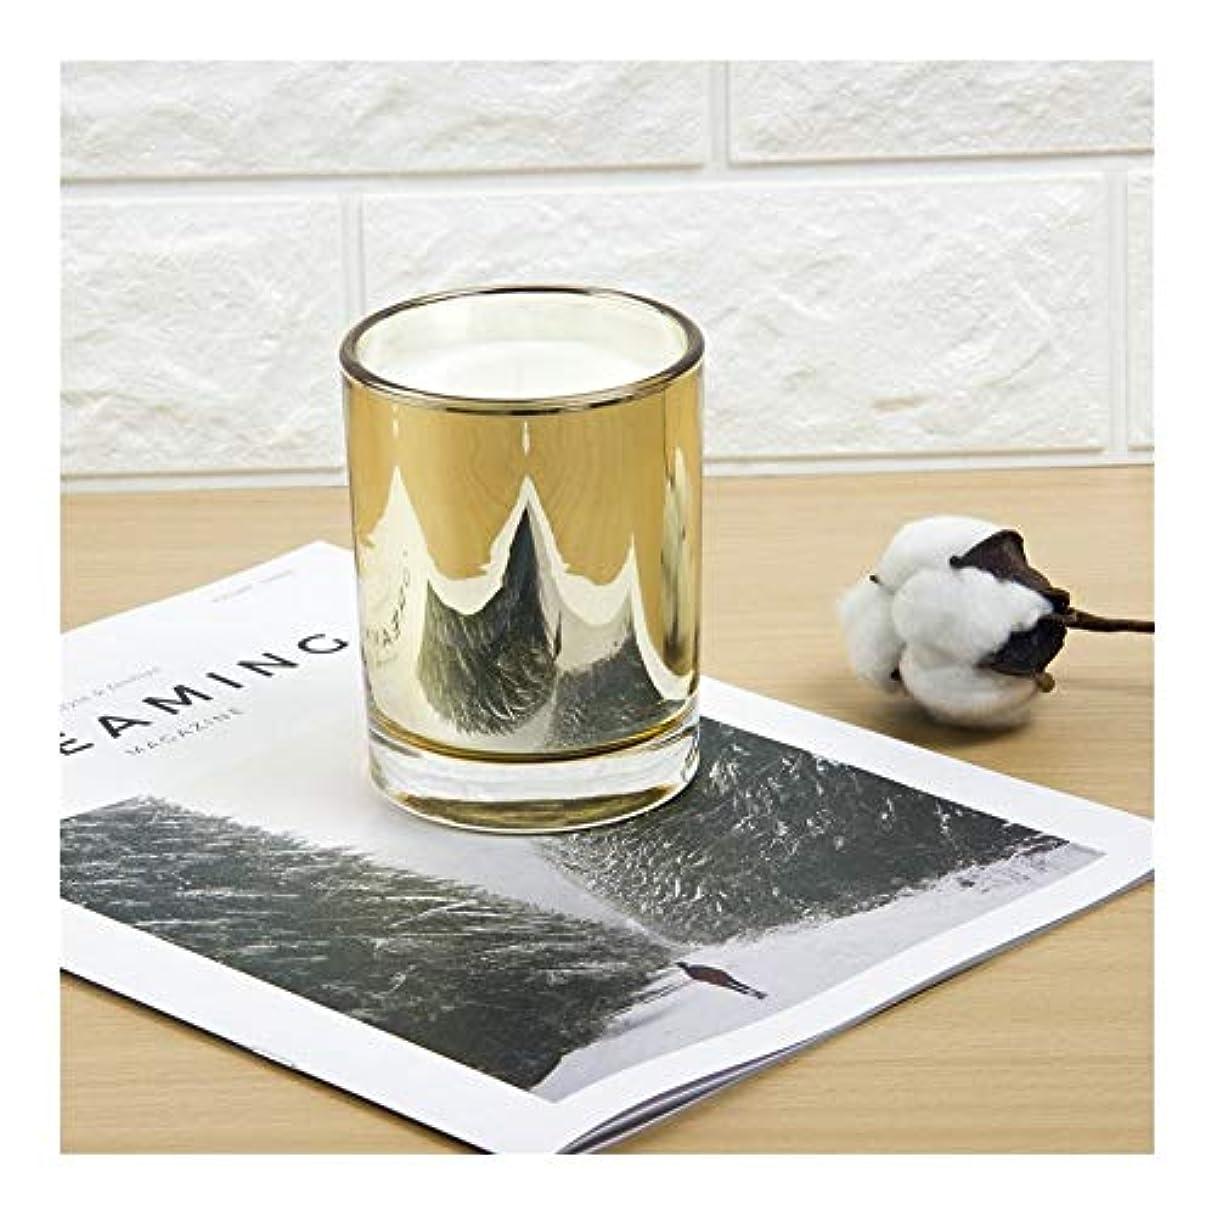 暗いパッケージ要旨Ztian ゴールドカップキャンドル大豆アロマセラピーパーティーキャンドル誕生日プレゼント植物キャンドル